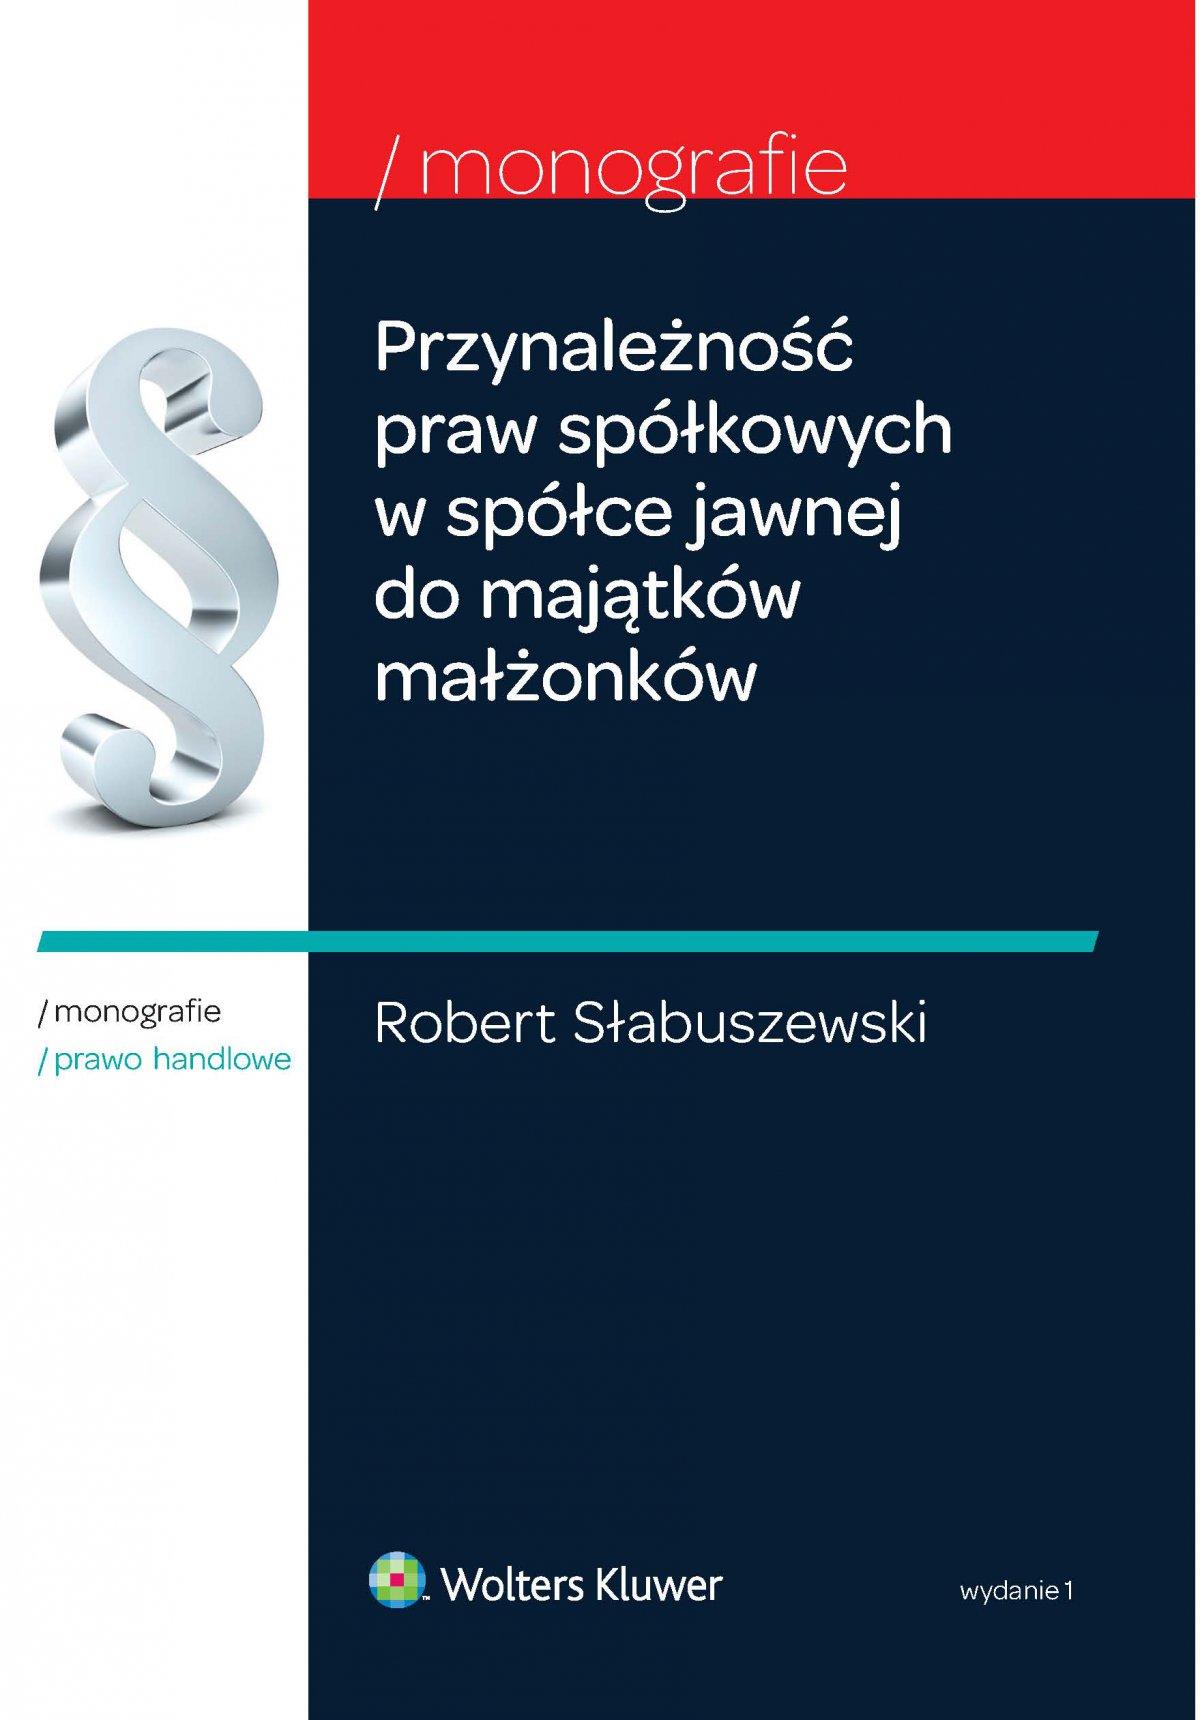 Przynależność praw spółkowych w spółce jawnej do majątków małżonków. Wydanie 1 - Ebook (Książka EPUB) do pobrania w formacie EPUB